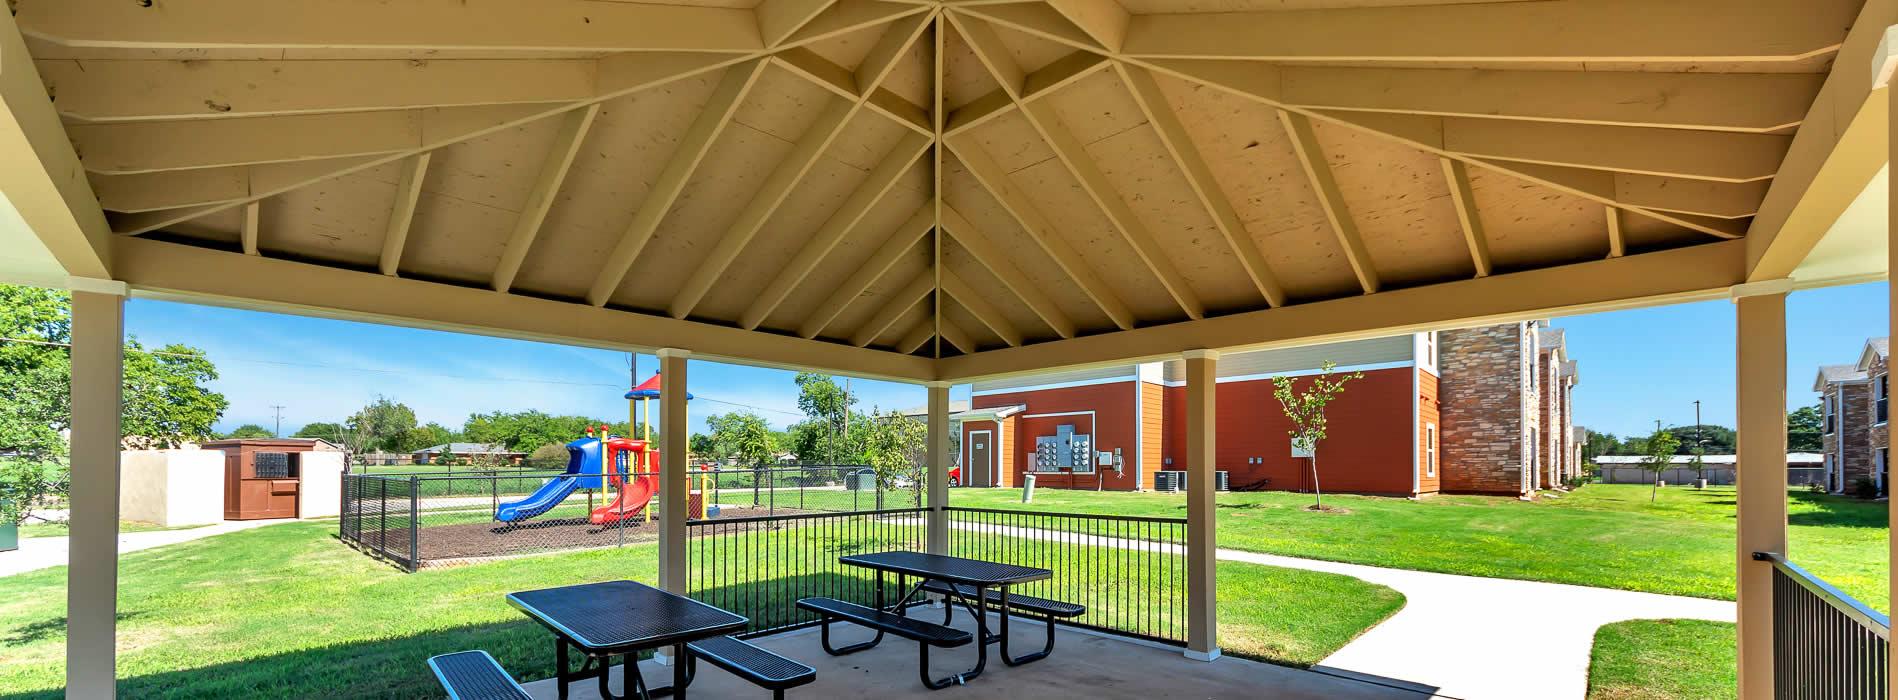 Royal Gardens | Wichita Falls, TX | (940) 285-5380